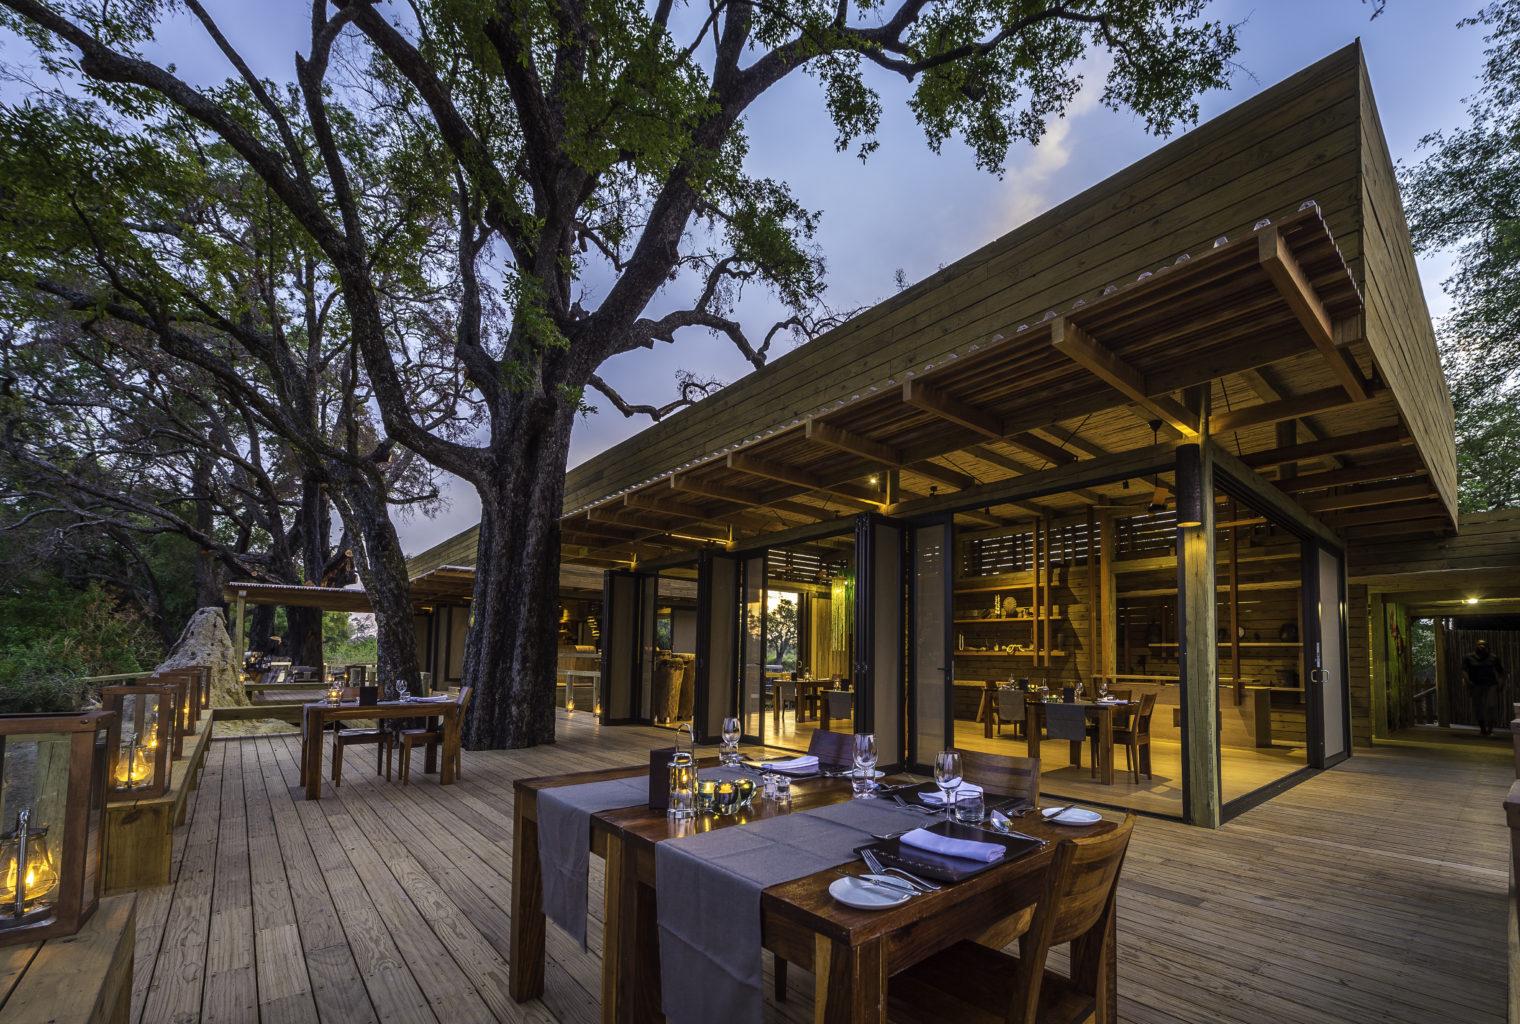 Vumbura_Plains_Camp-Botswana Exterior